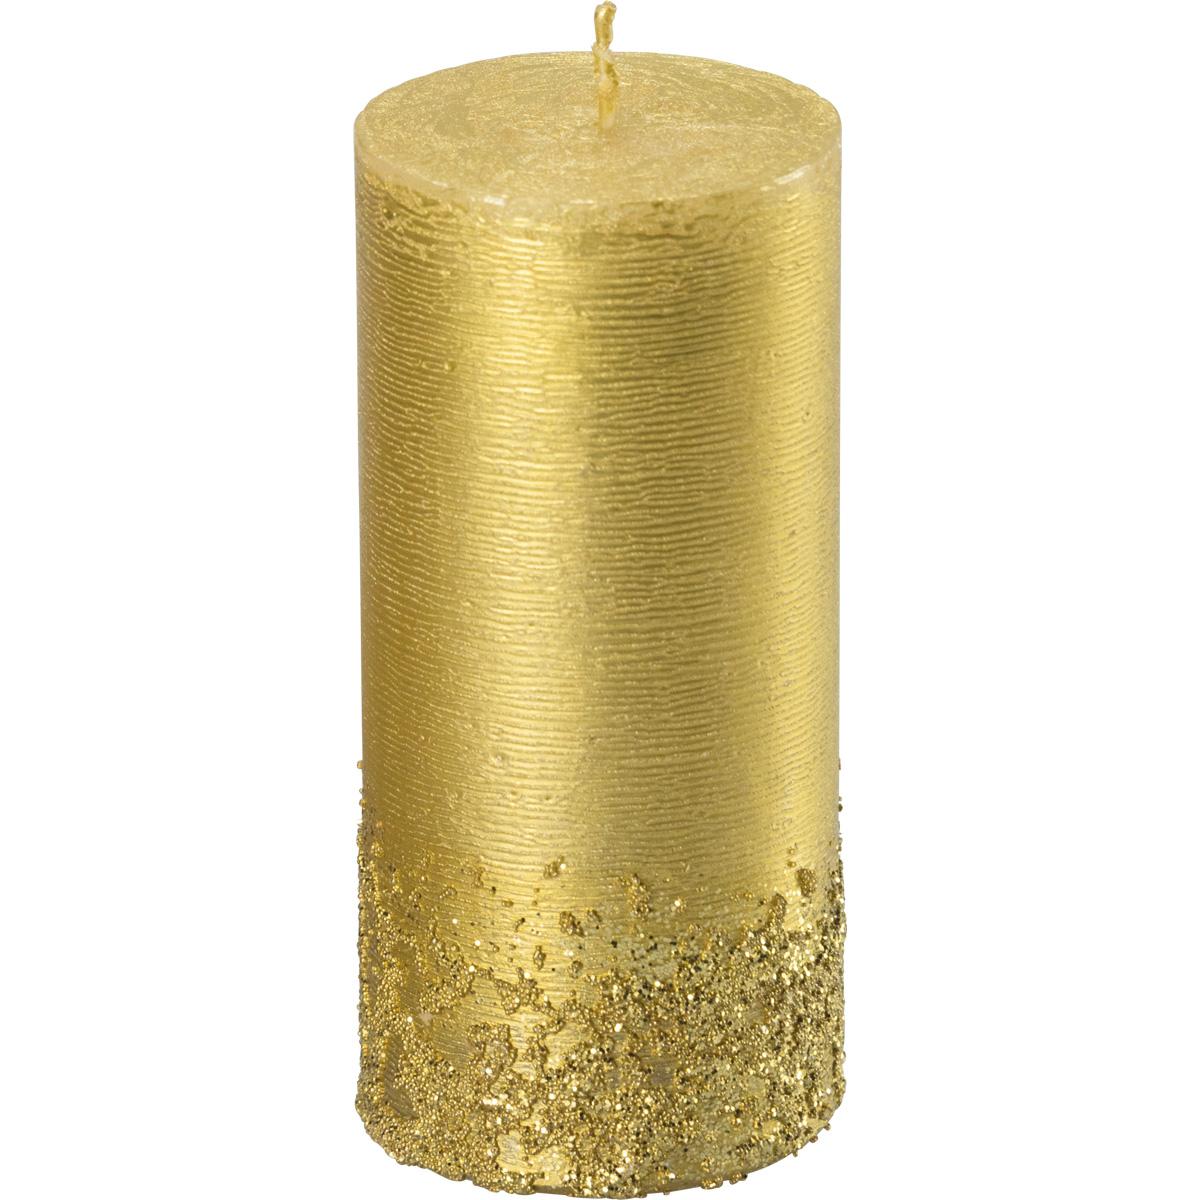 Weihnachtskerze, 3026, 130x60, gold, Serie Calla